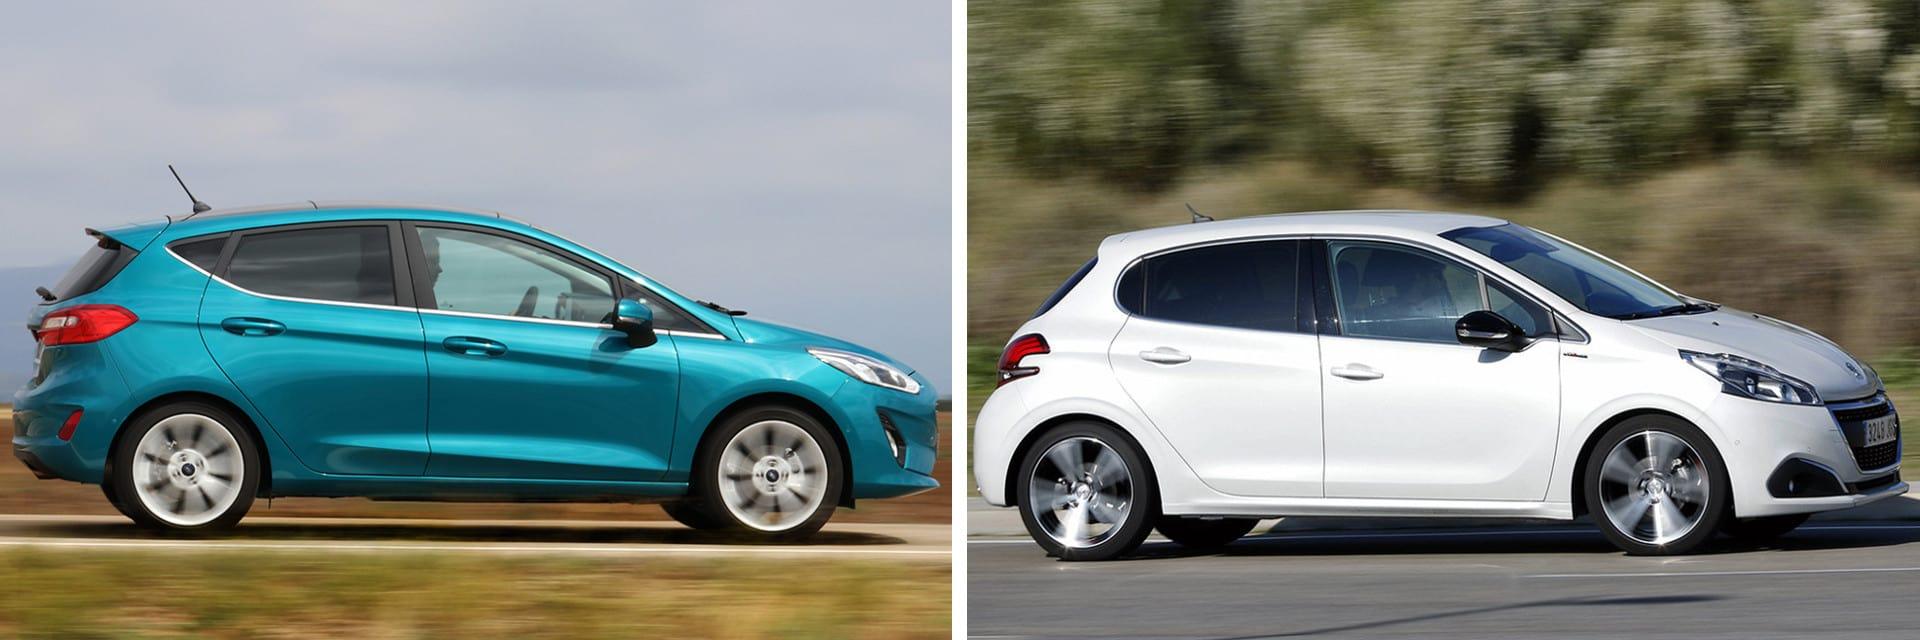 El ruido aerodinámico en el interior del Peugeot 208 es mayor que en el Ford Fiesta.